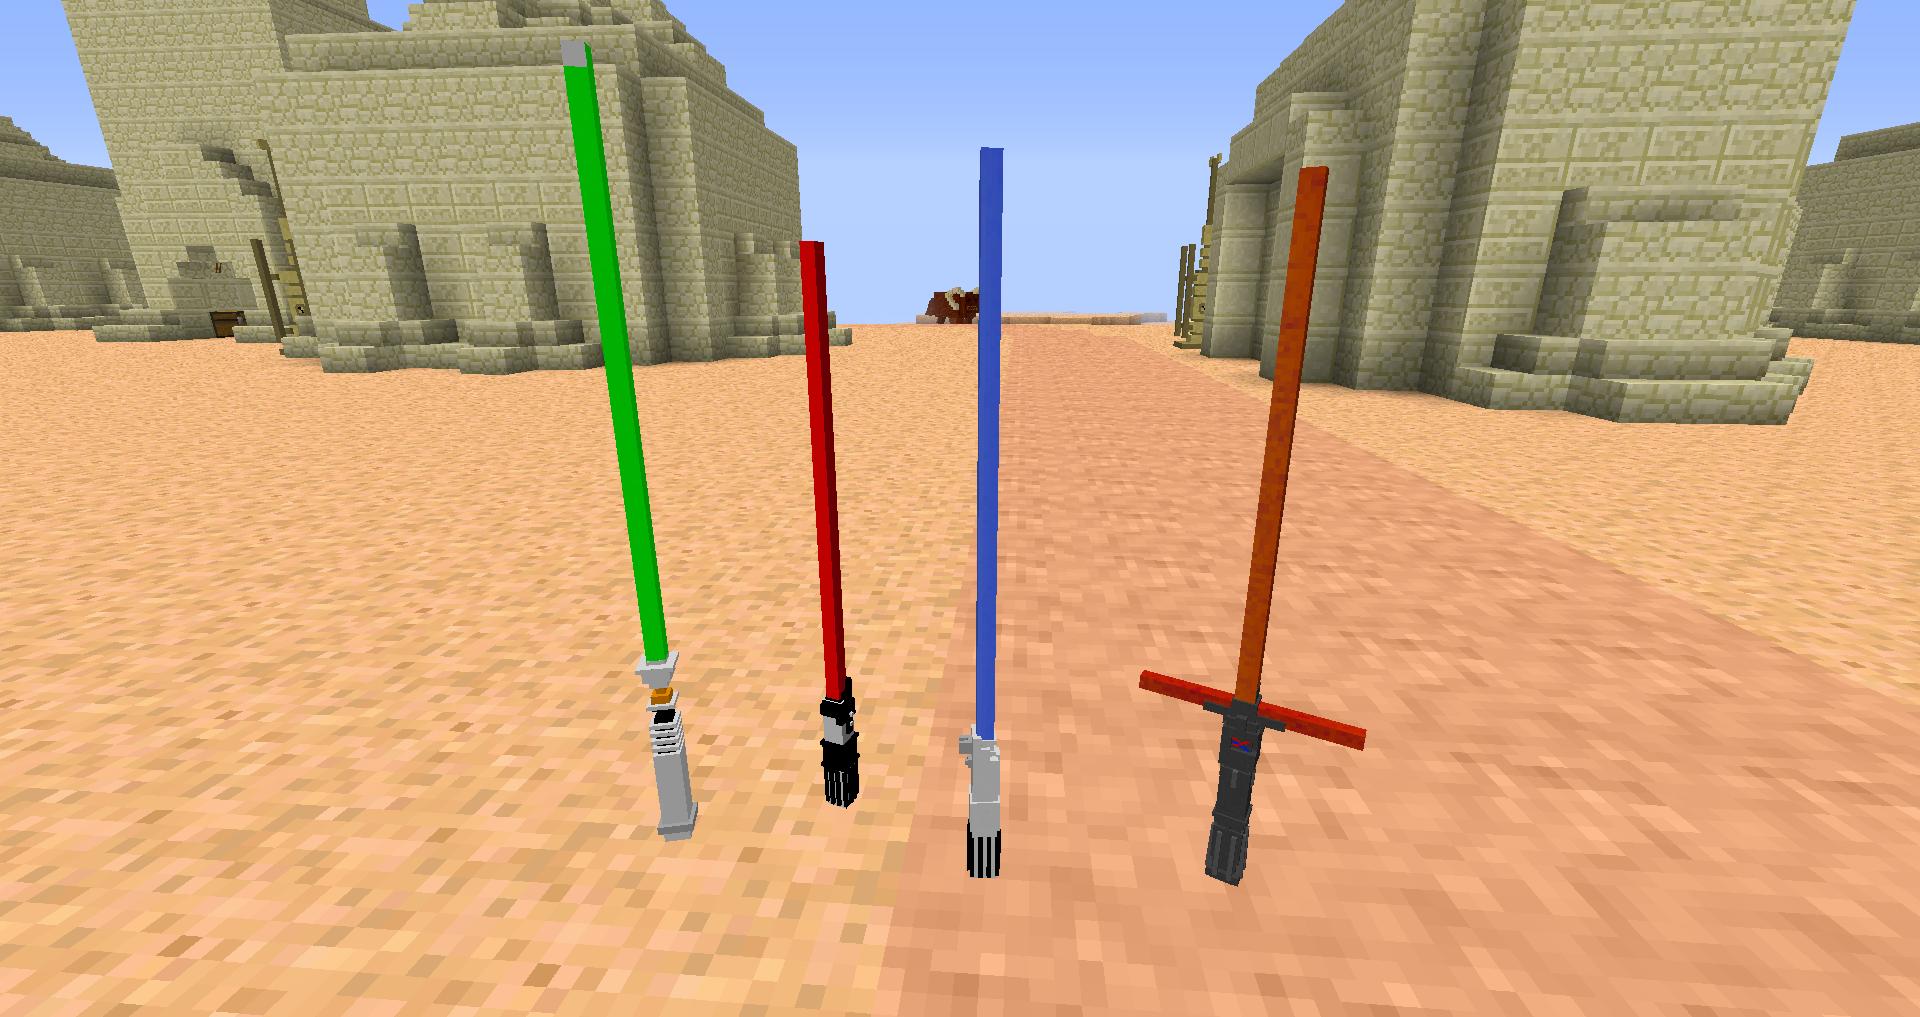 minecraft 1.7.10 star wars mod